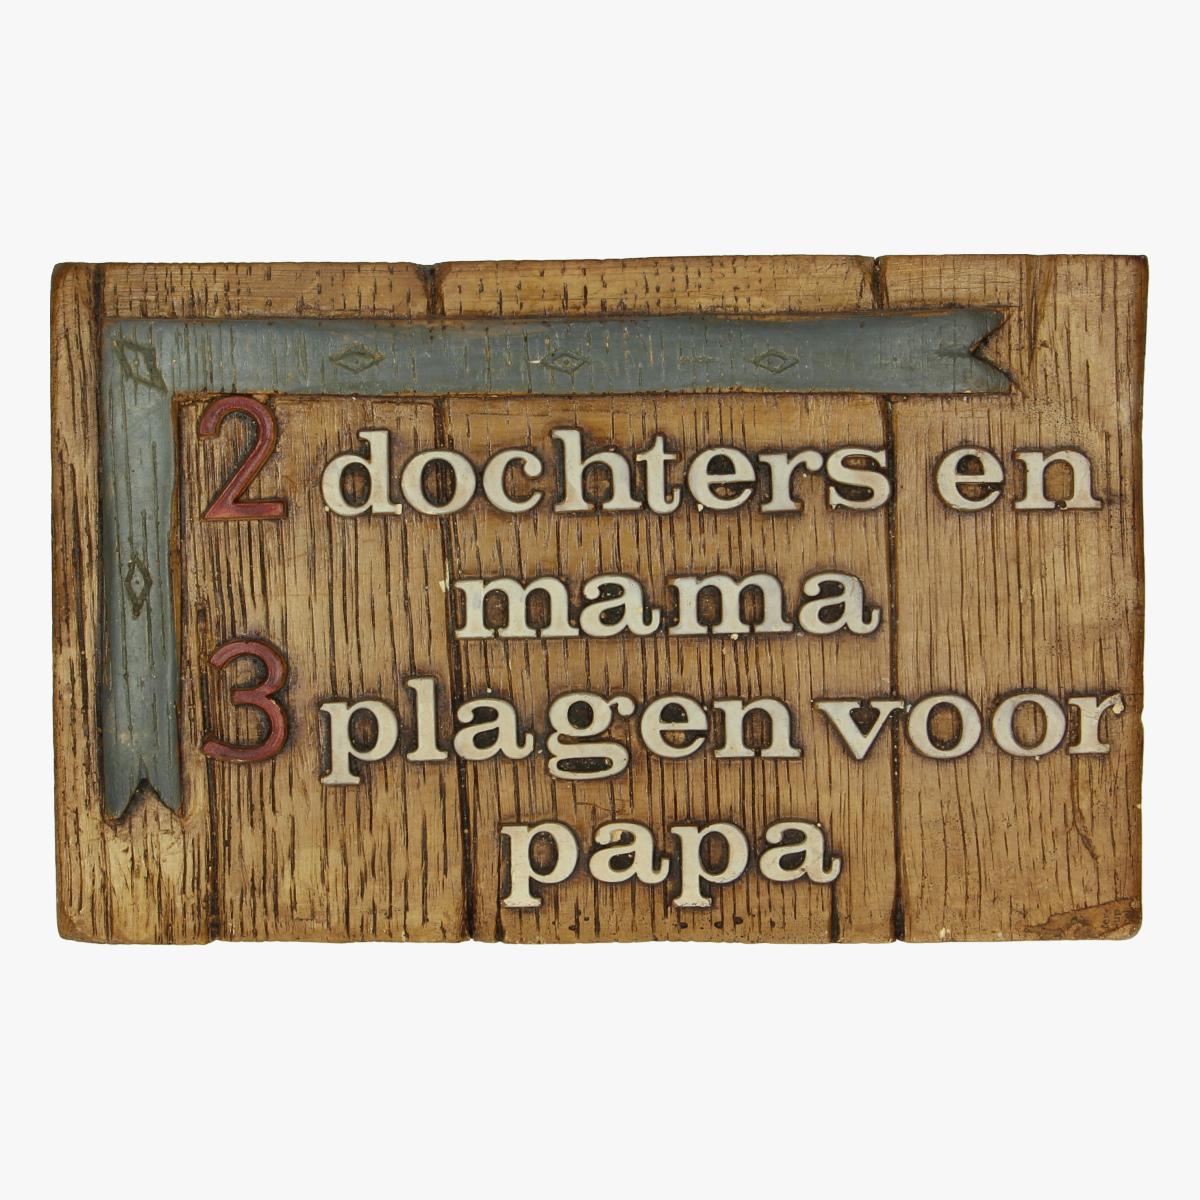 Afbeeldingen van 2 dochters en mama 3plagen voor papa. Bord in hout